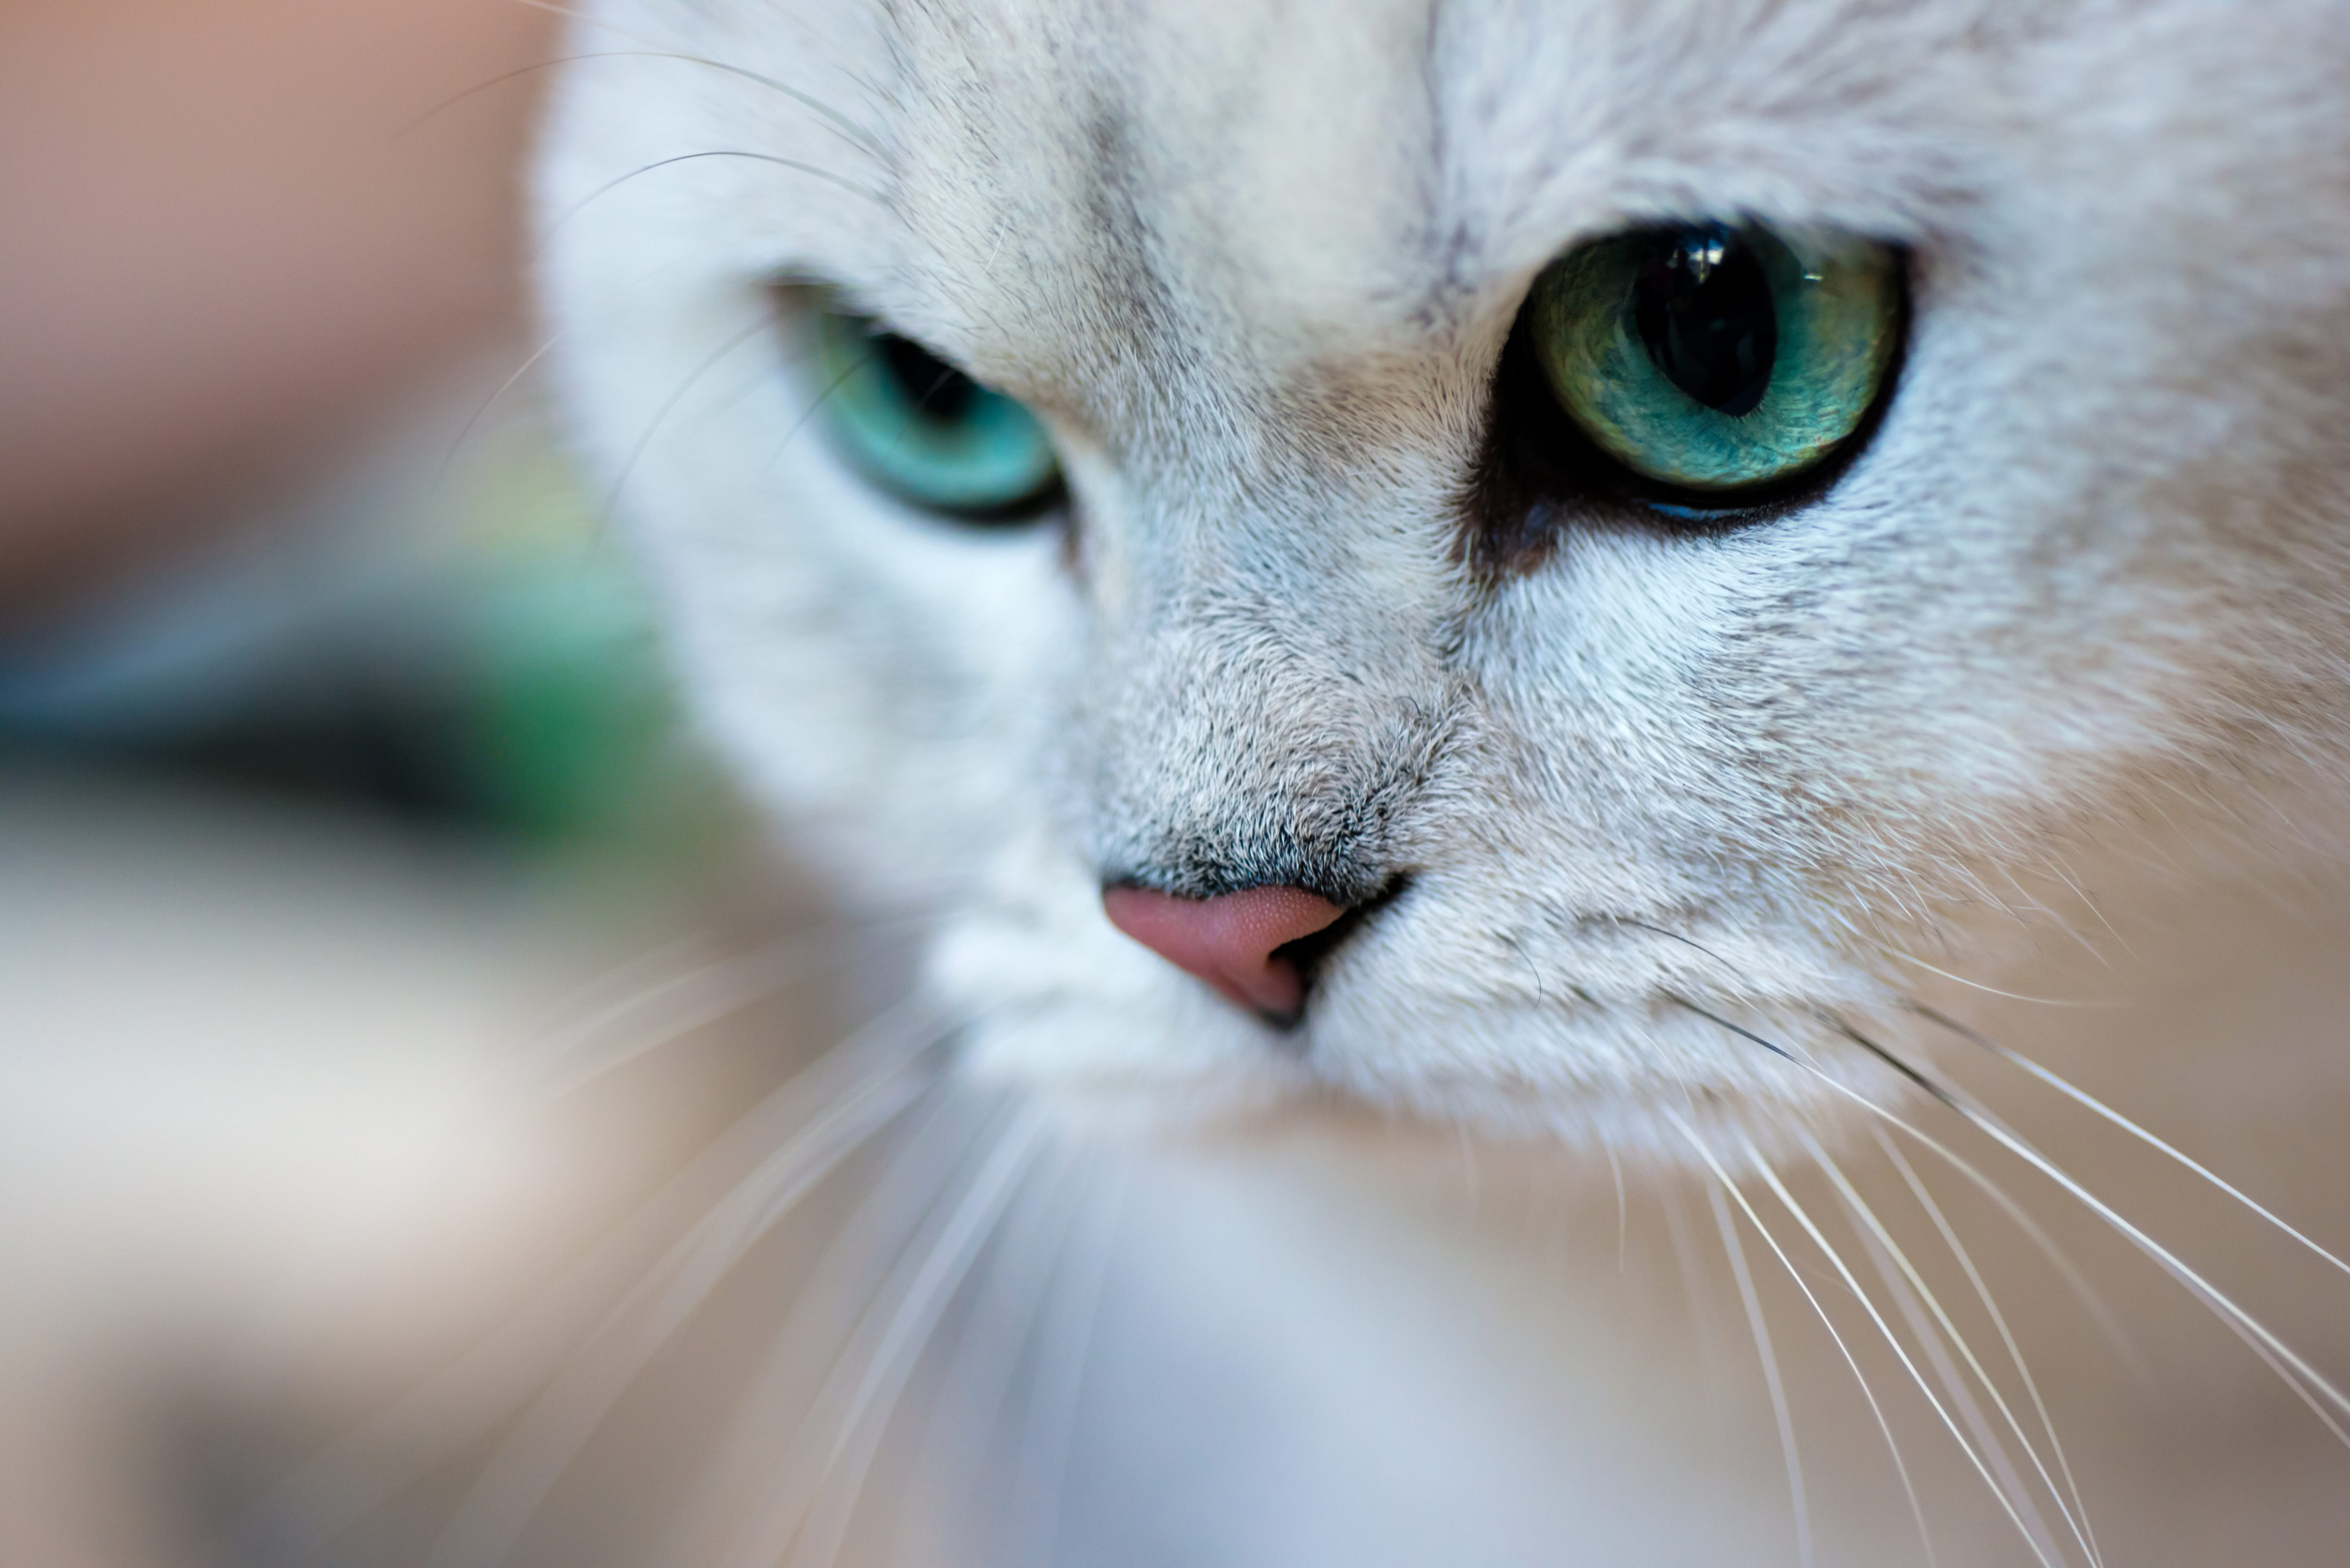 Gattini sterilizzati con occhi di smeraldo – Scientificast #127